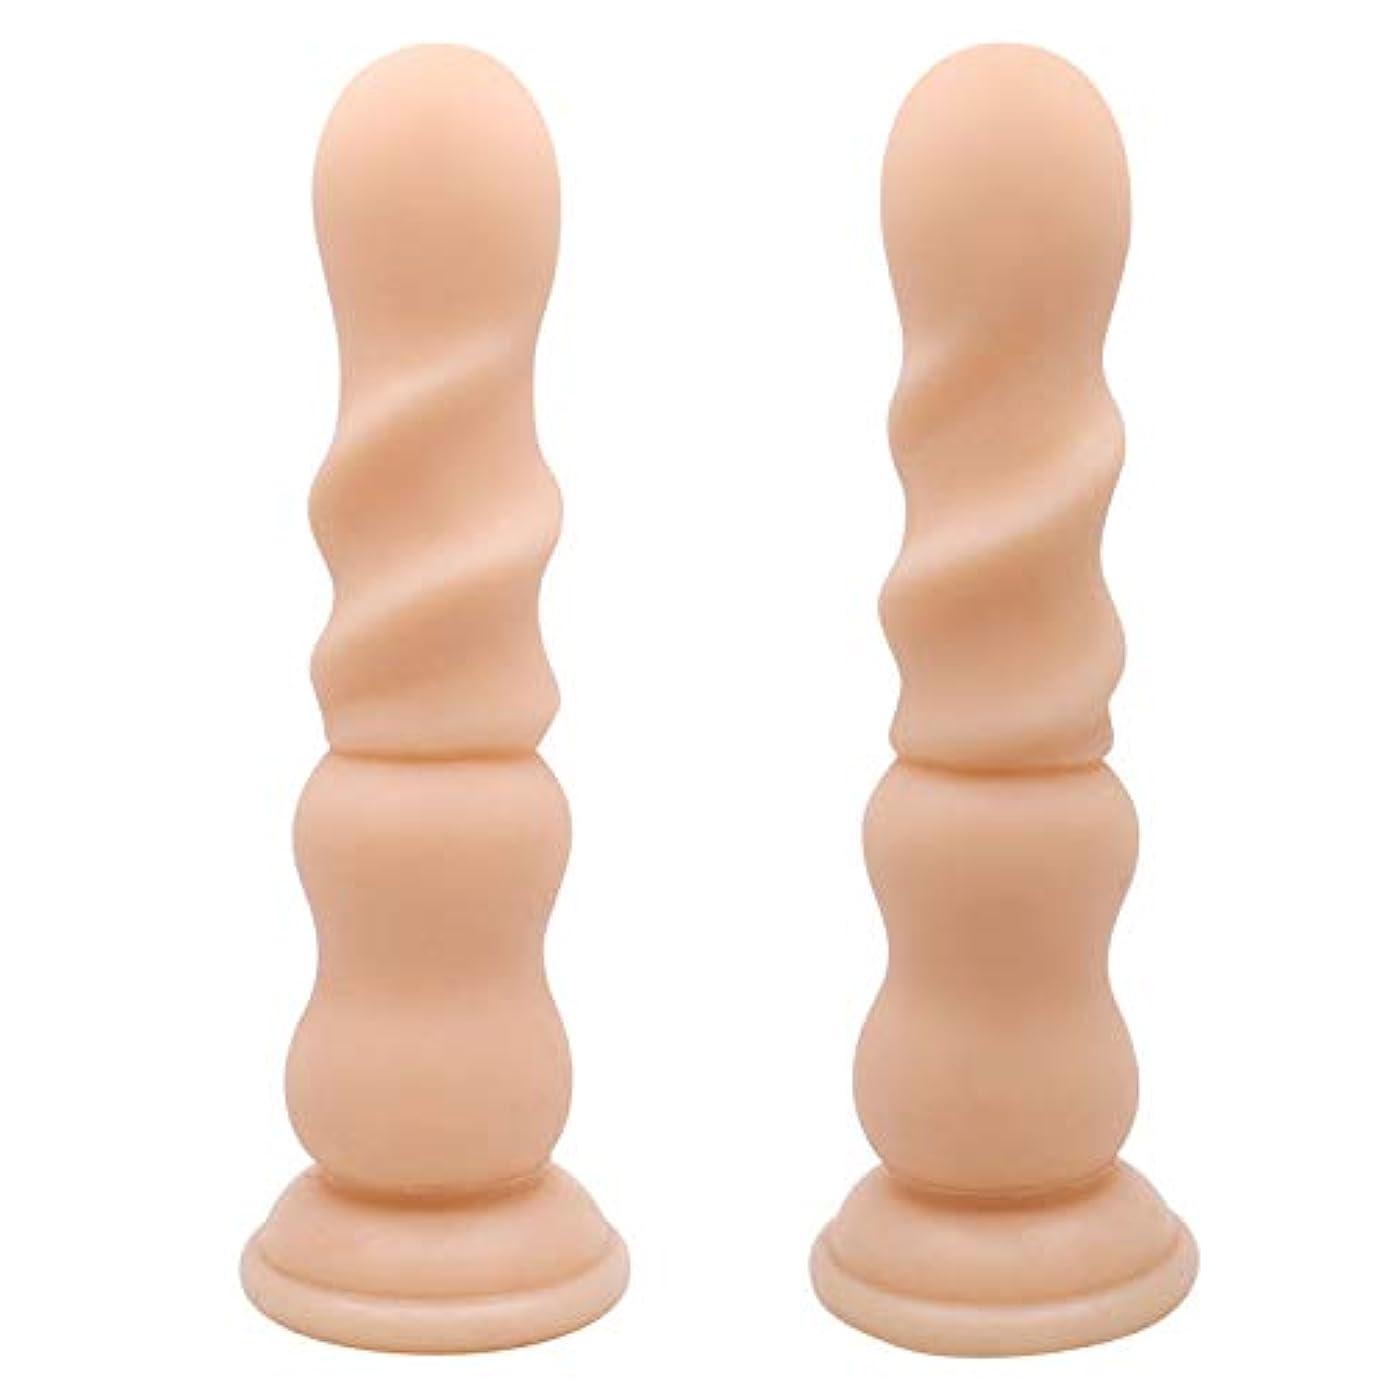 説教差別化する石膏ディルド、シリコーンシミュレーションペニススレッドアナルプラグ女性オナニーマッサージャー防水大人の大人のおもちゃ21センチ